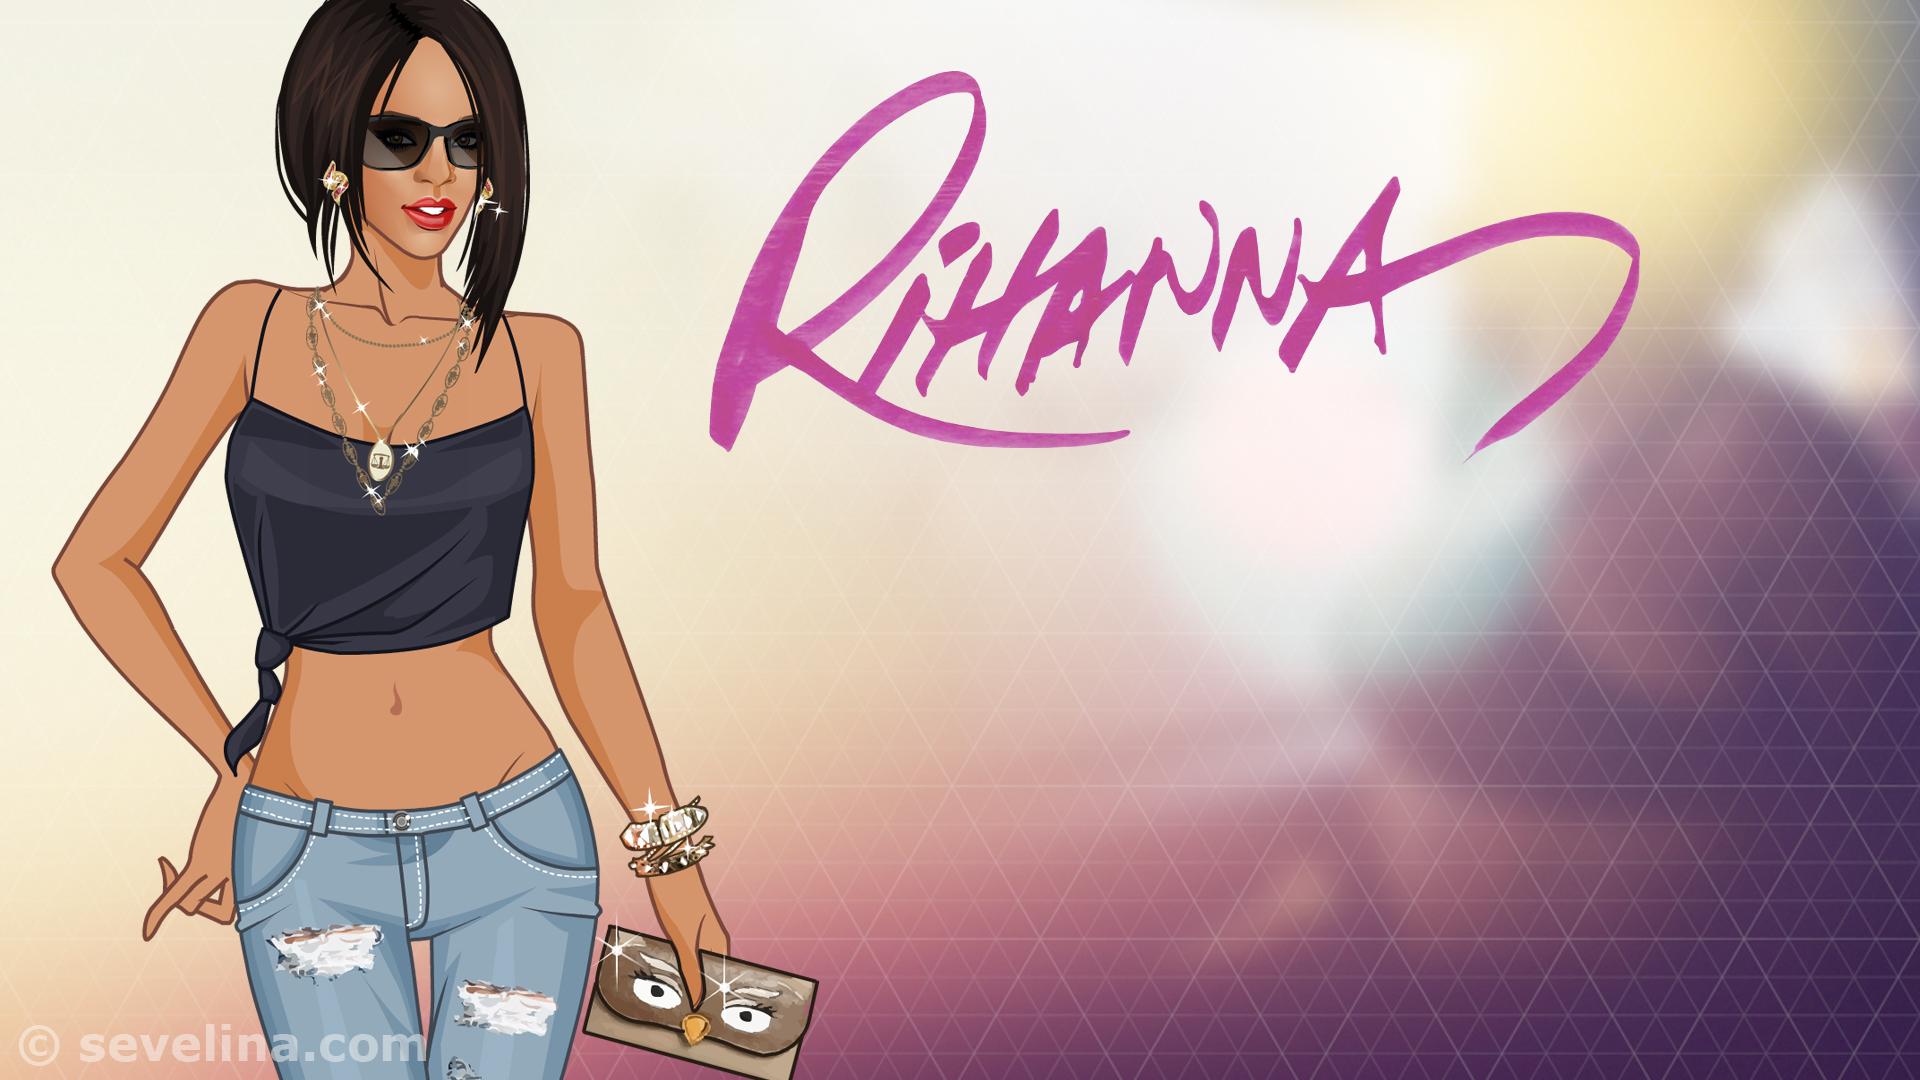 rihanna-wallpapers-2014-sevelina-dress-up-games